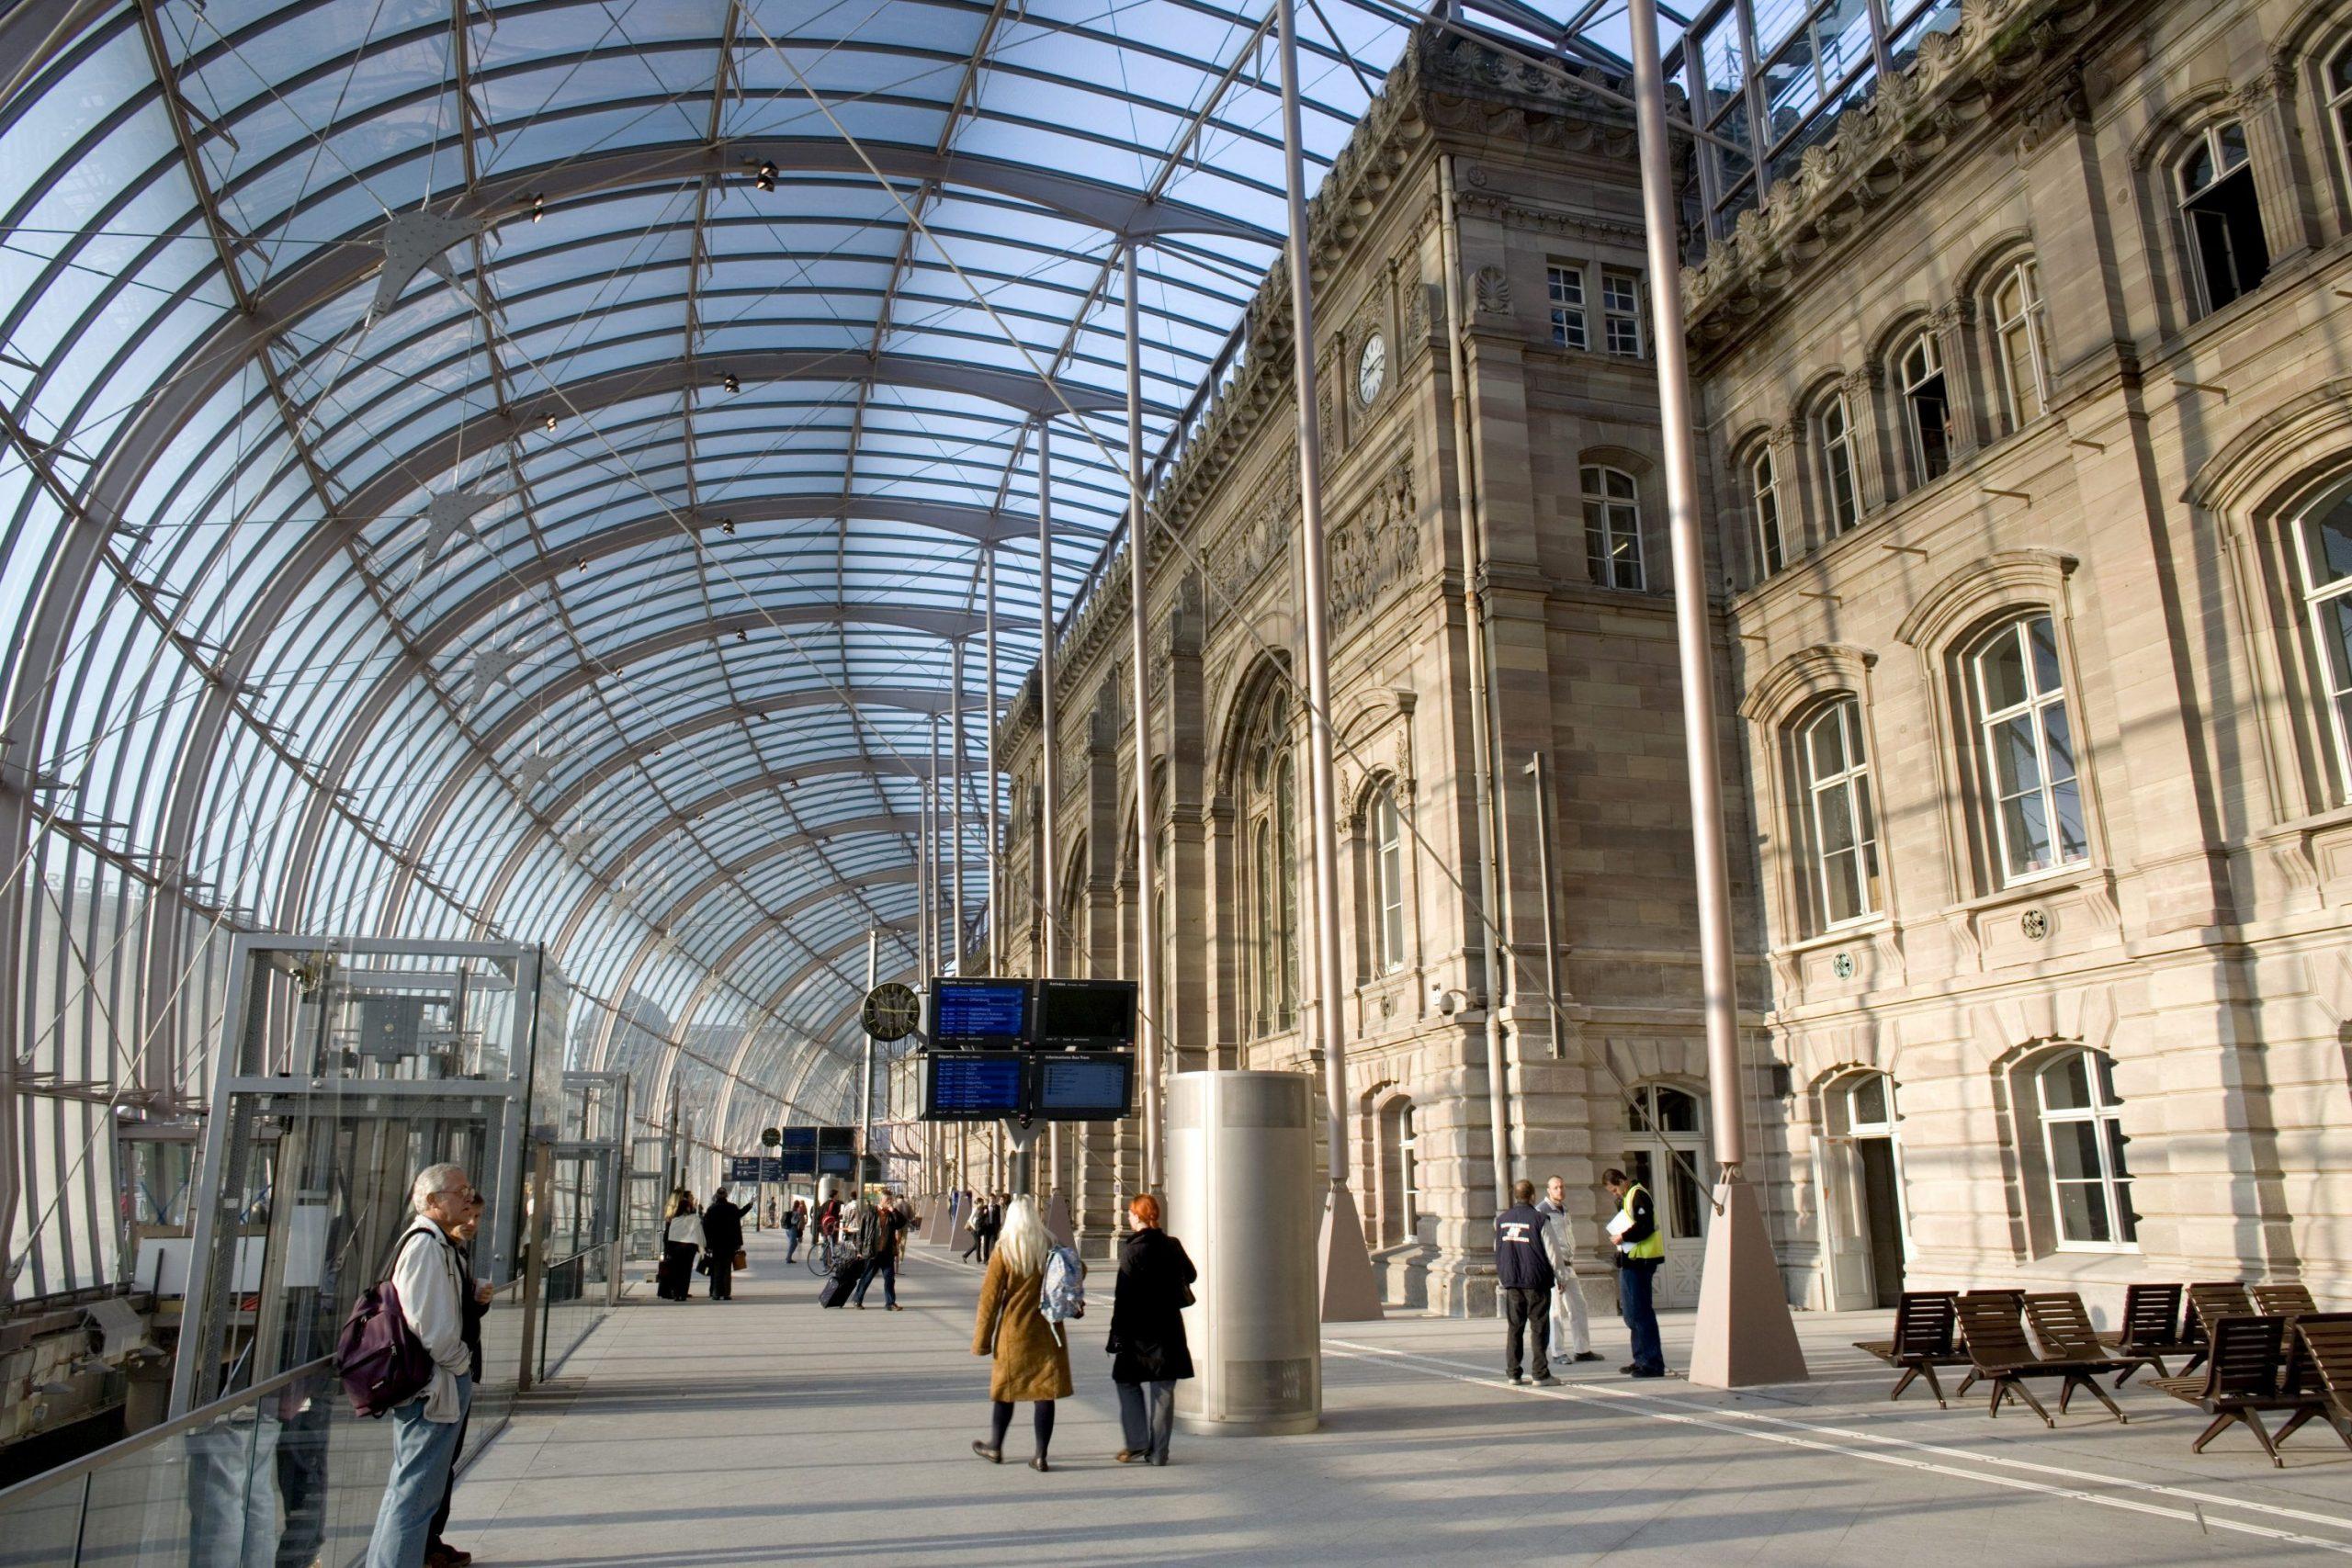 10 nejzajímavějších vlakových nádraží světa 2